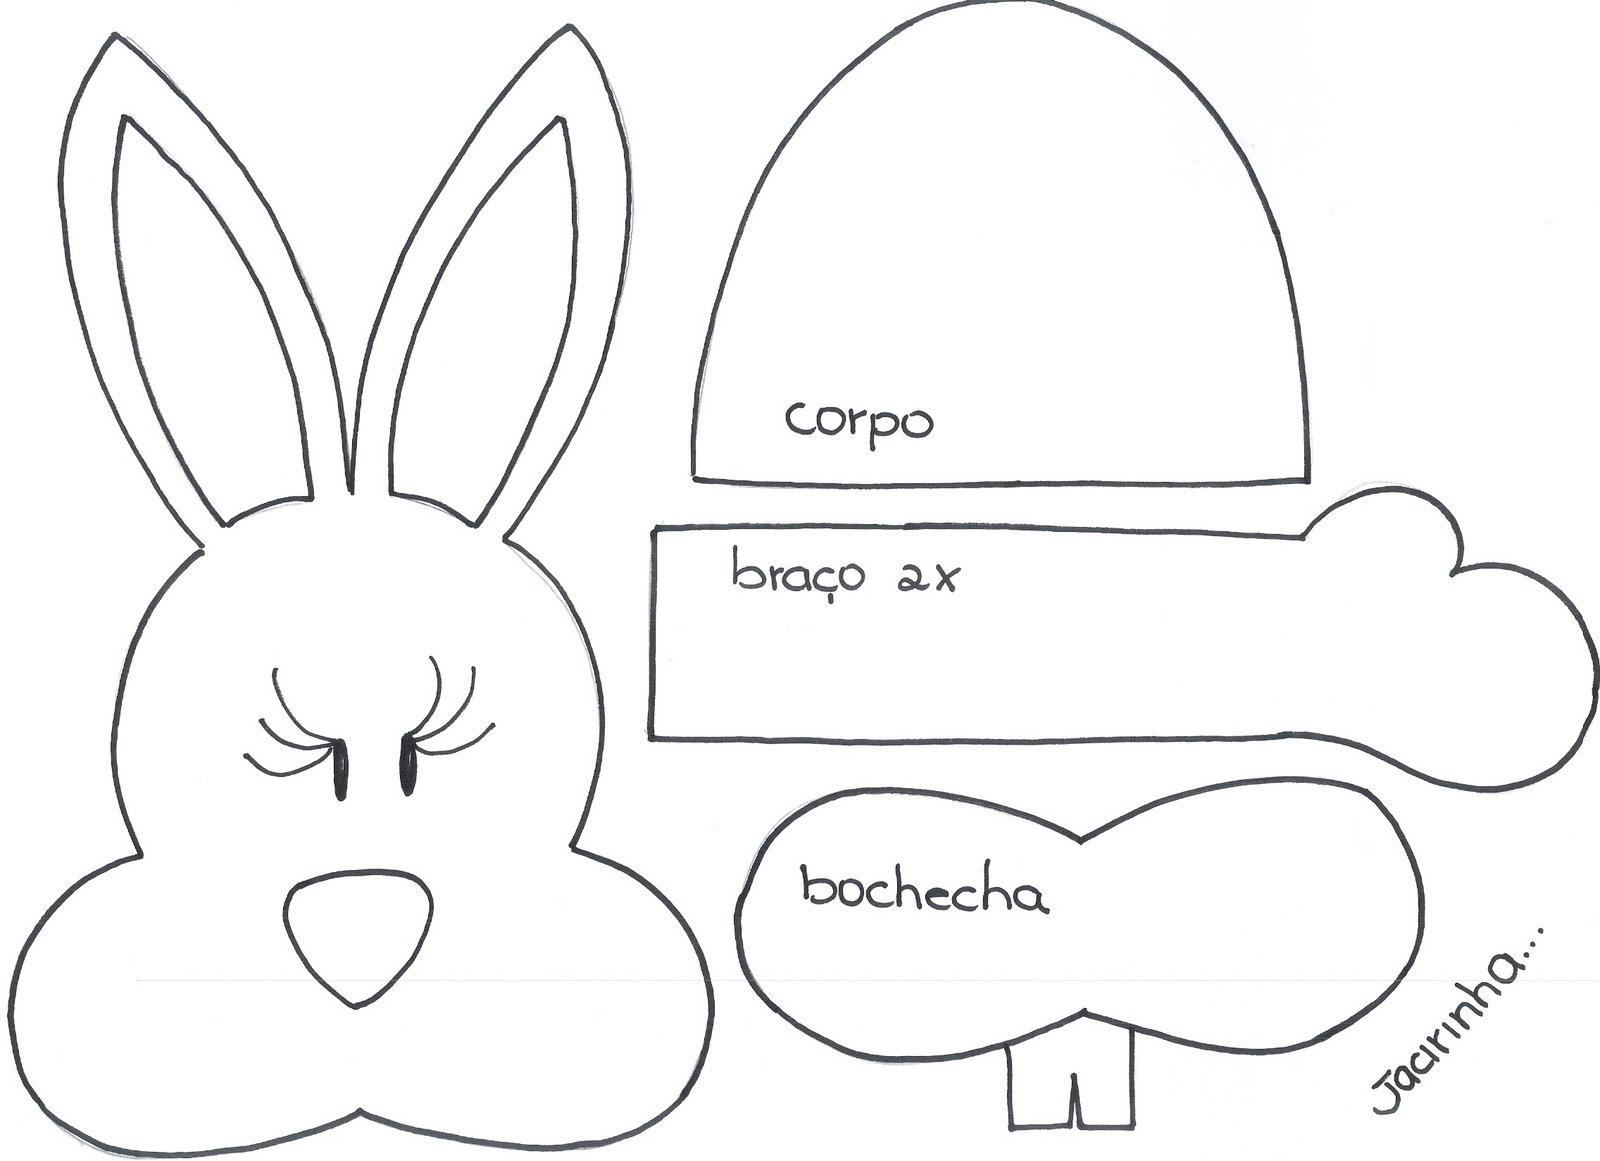 Molde porta treco coelho1